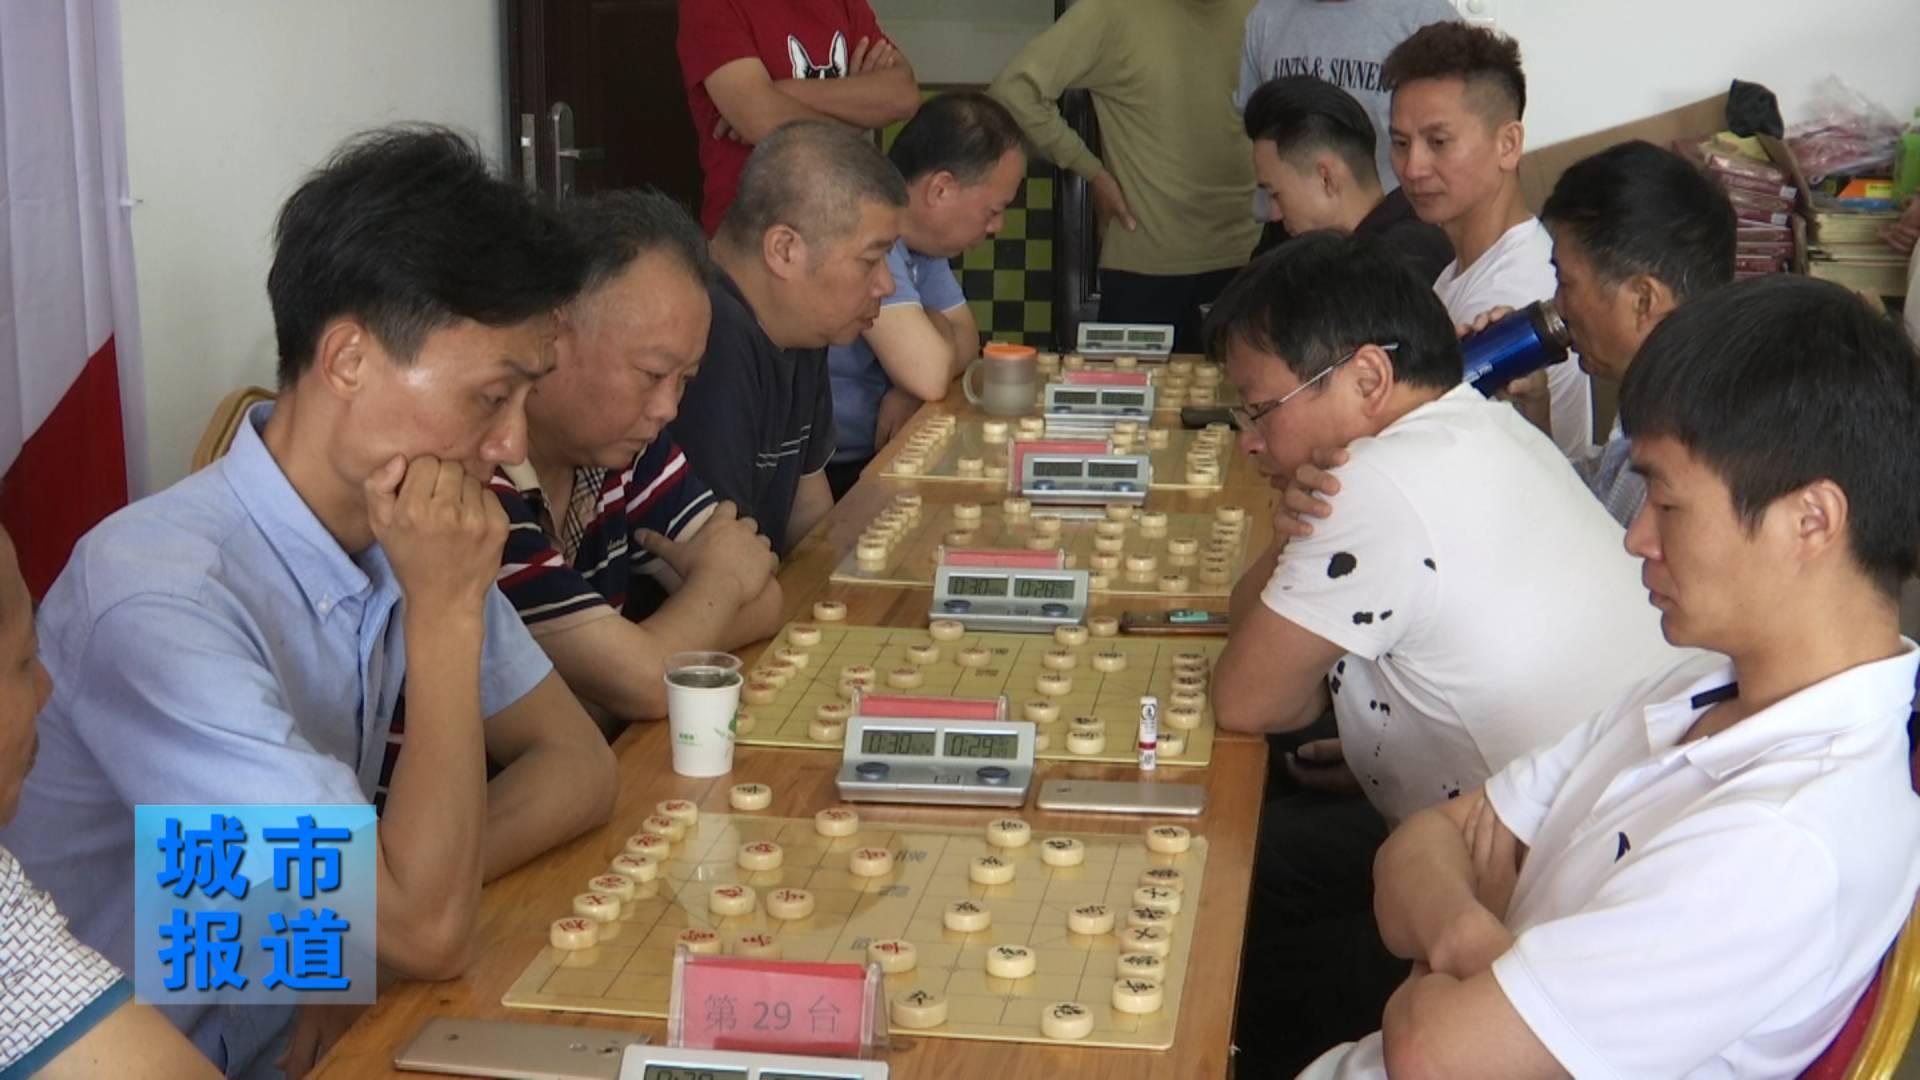 全国业余棋王赛上饶预选赛举行